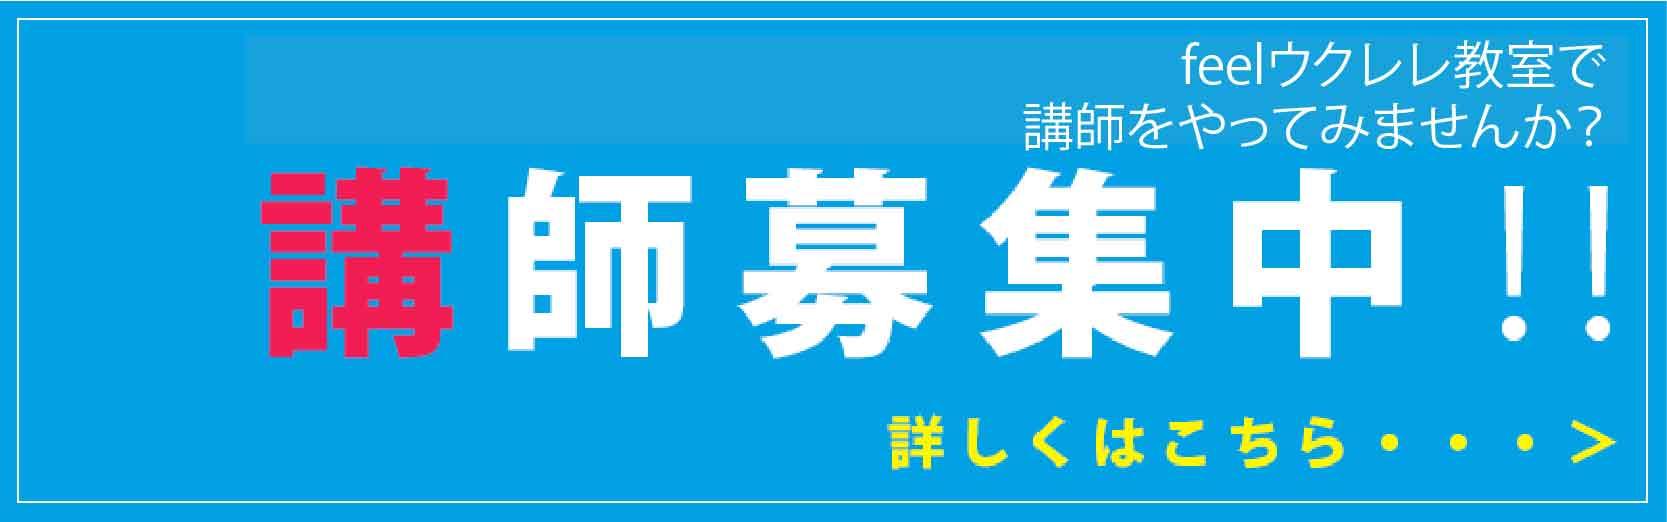 ウクレレ講師募集中 西東京市feelウクレレ教室